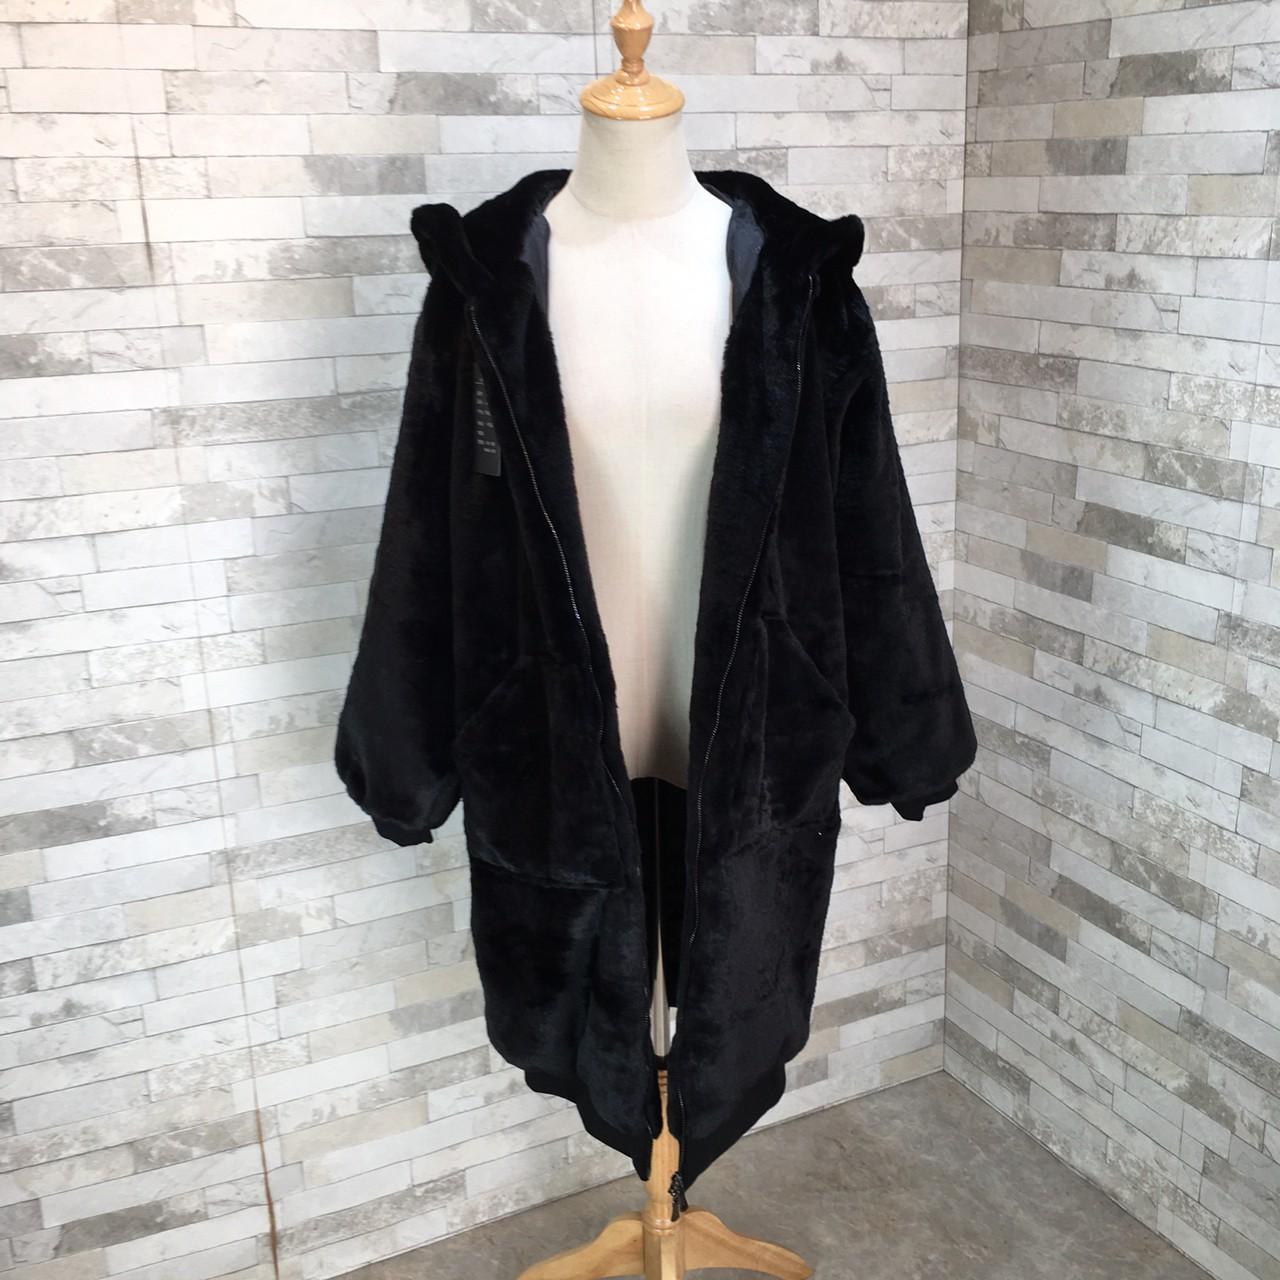 【即納】韓国 ファッション アウター ムートン ファーコート 秋 冬 カジュアル SPTXC599  もこもこ ふわふわ エコファー パーカー オーバーサイズ フ オルチャン シンプル 定番 セレカジの写真18枚目